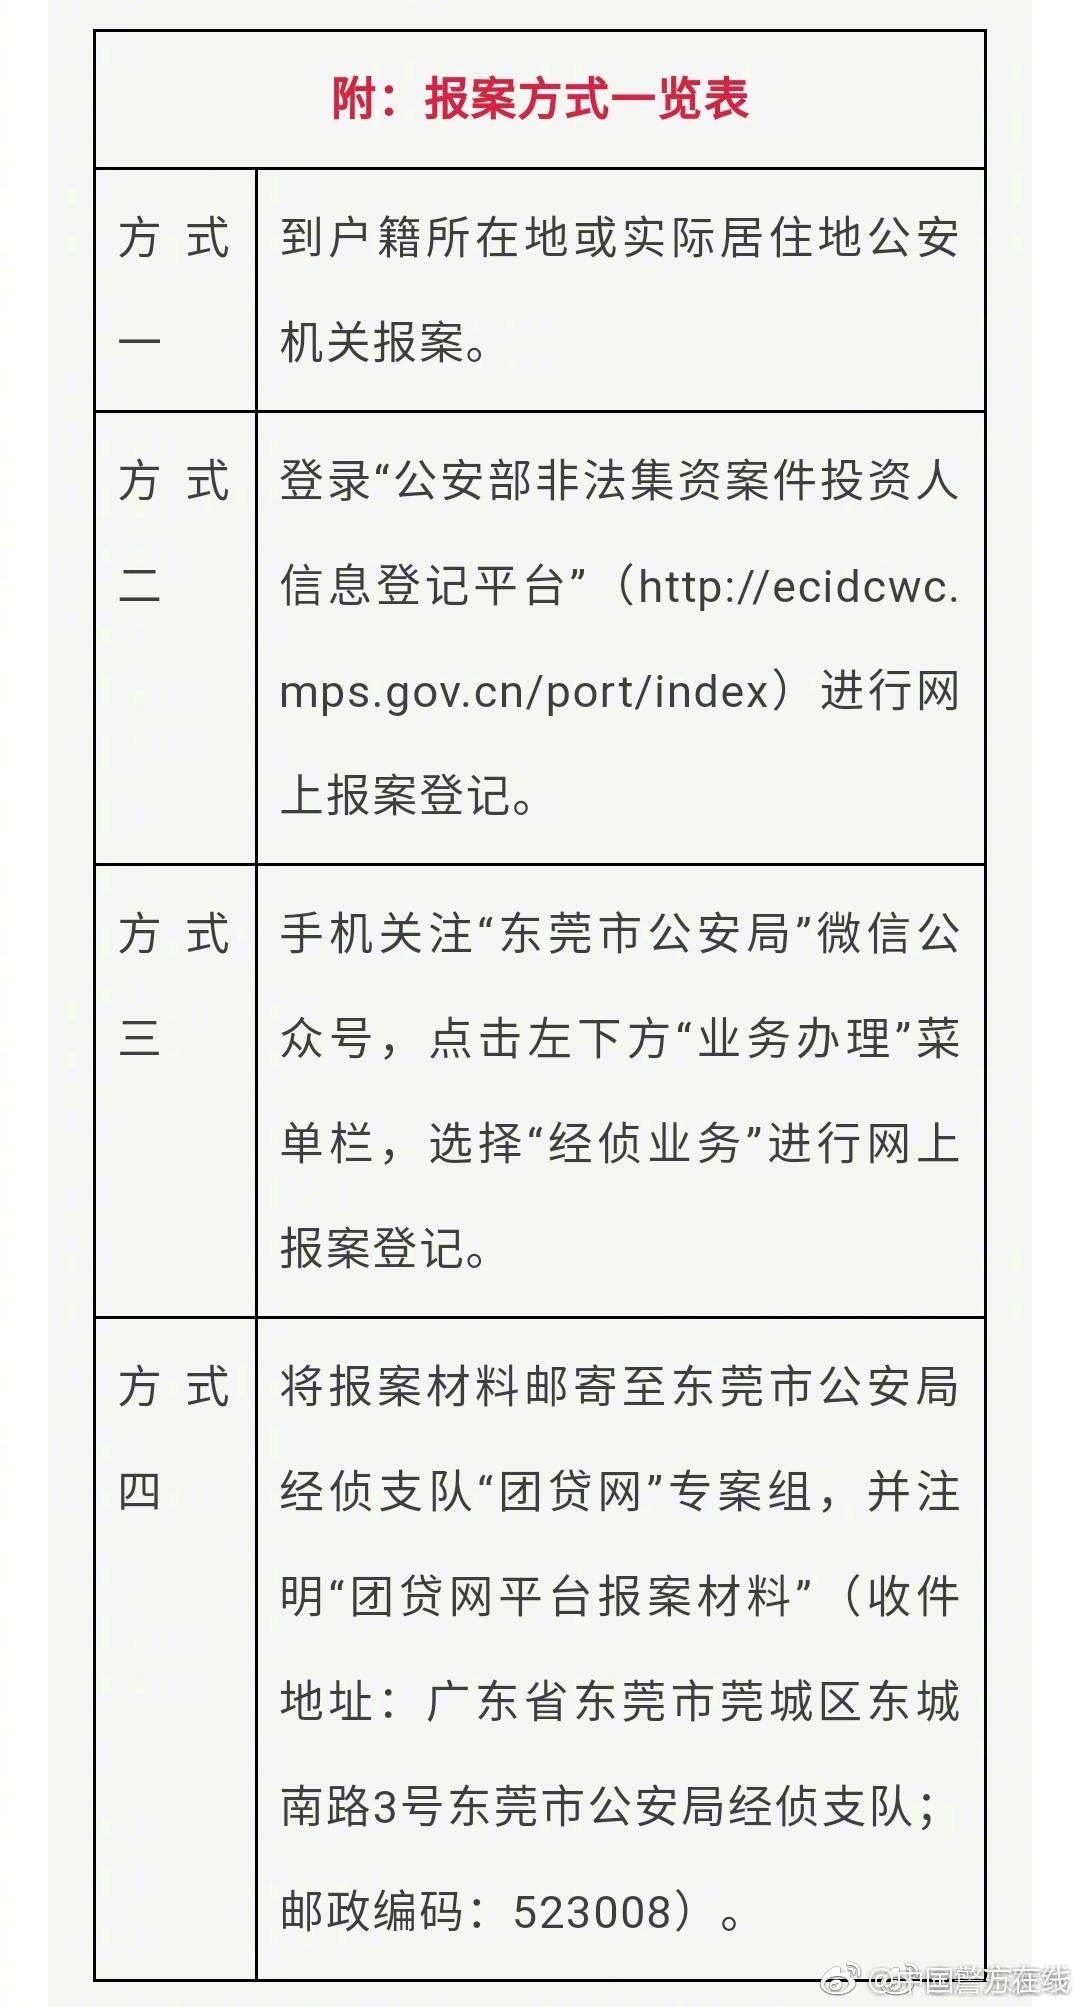 中国应该向日本学习对教育的重视。()